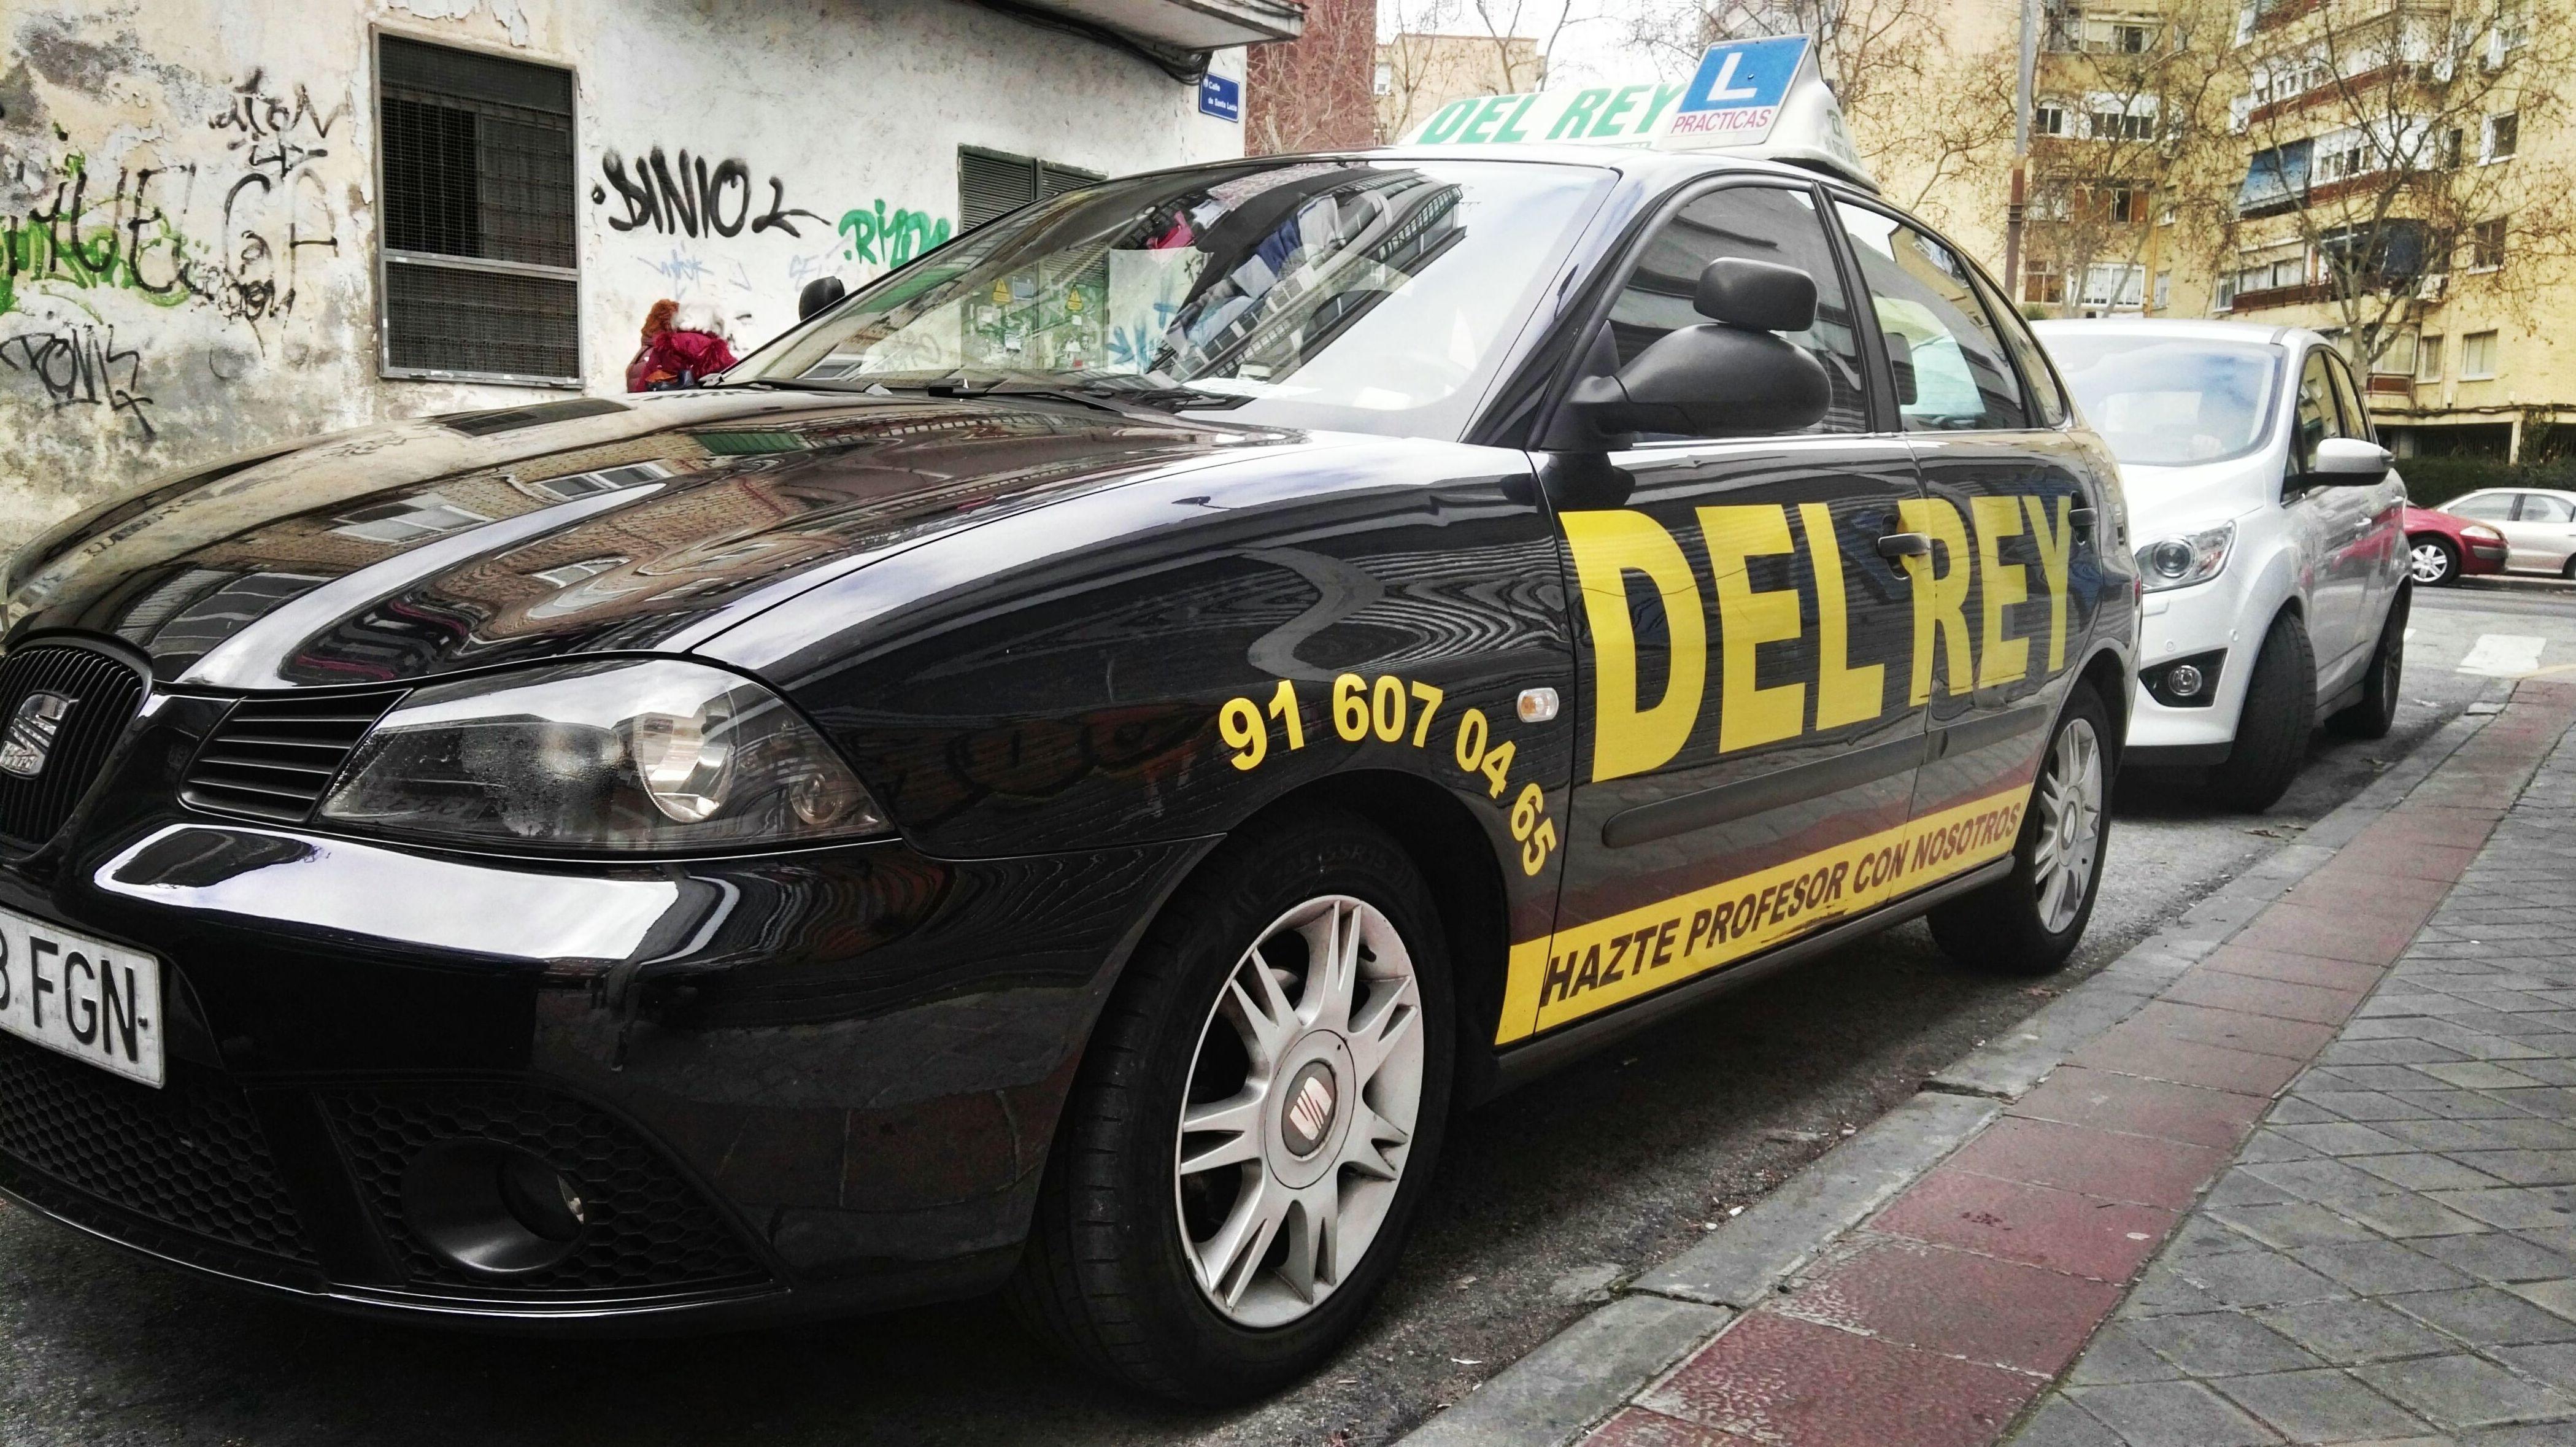 Foto 40 de Autoescuelas en Fuenlabrada | Autoescuela del Rey